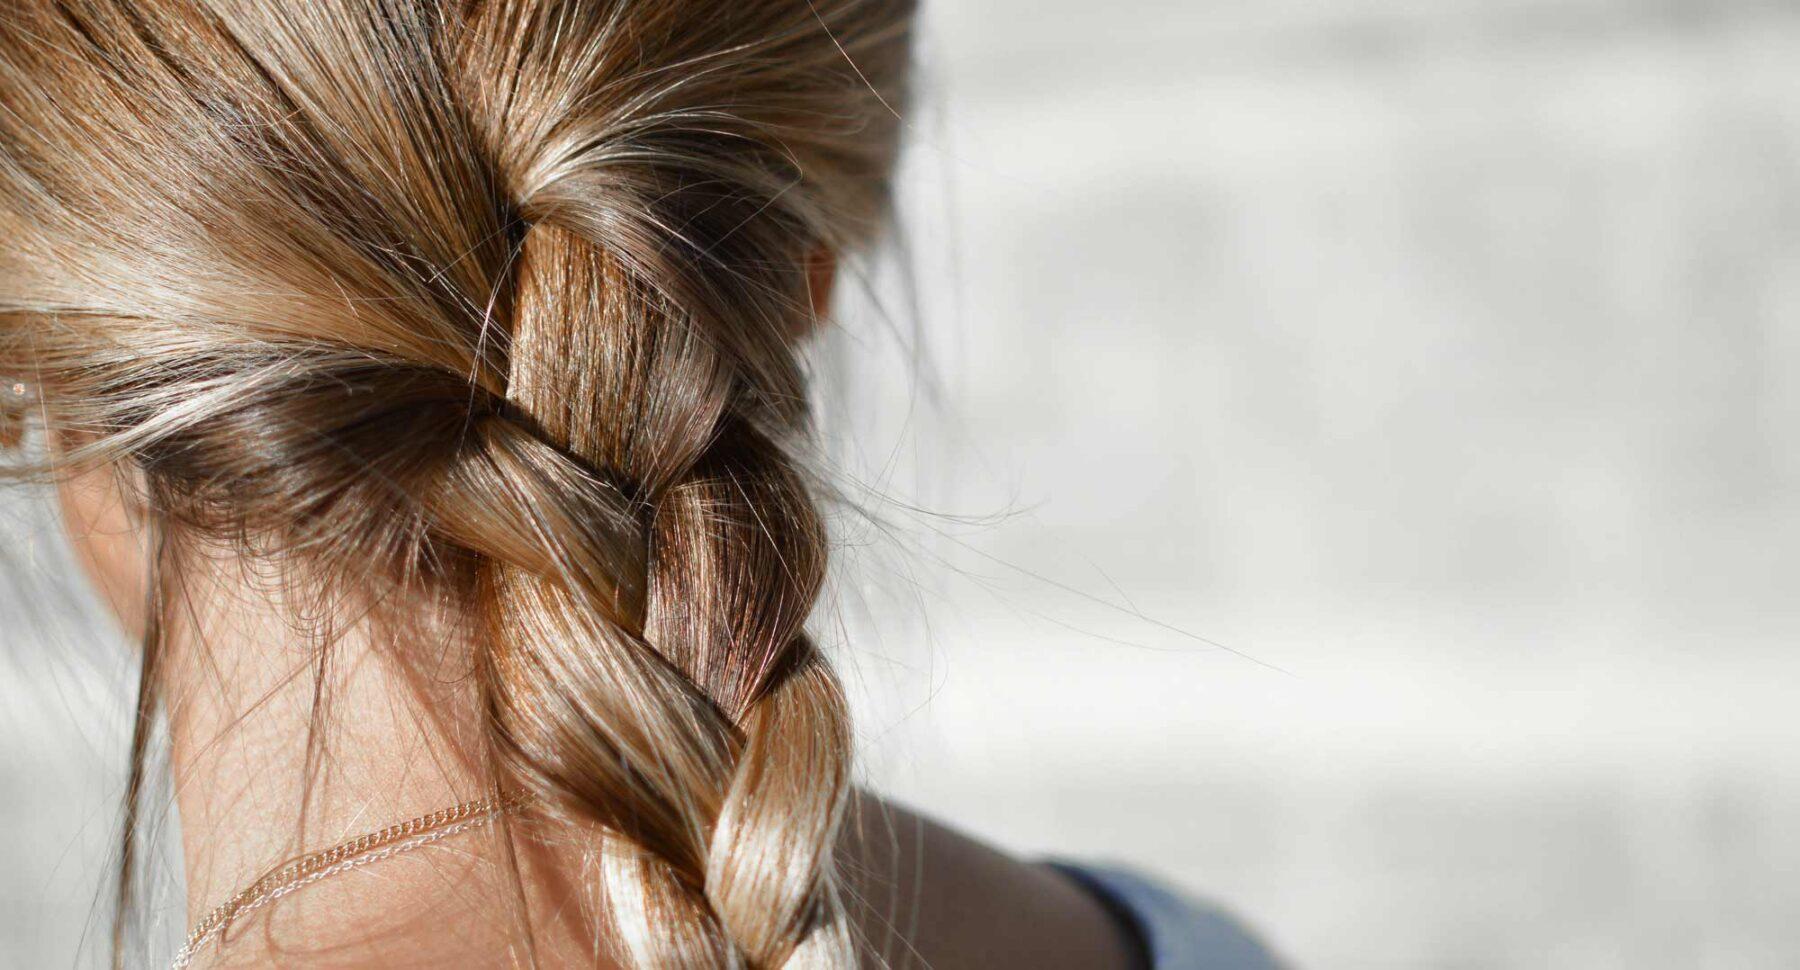 Fläta av hårförlängning